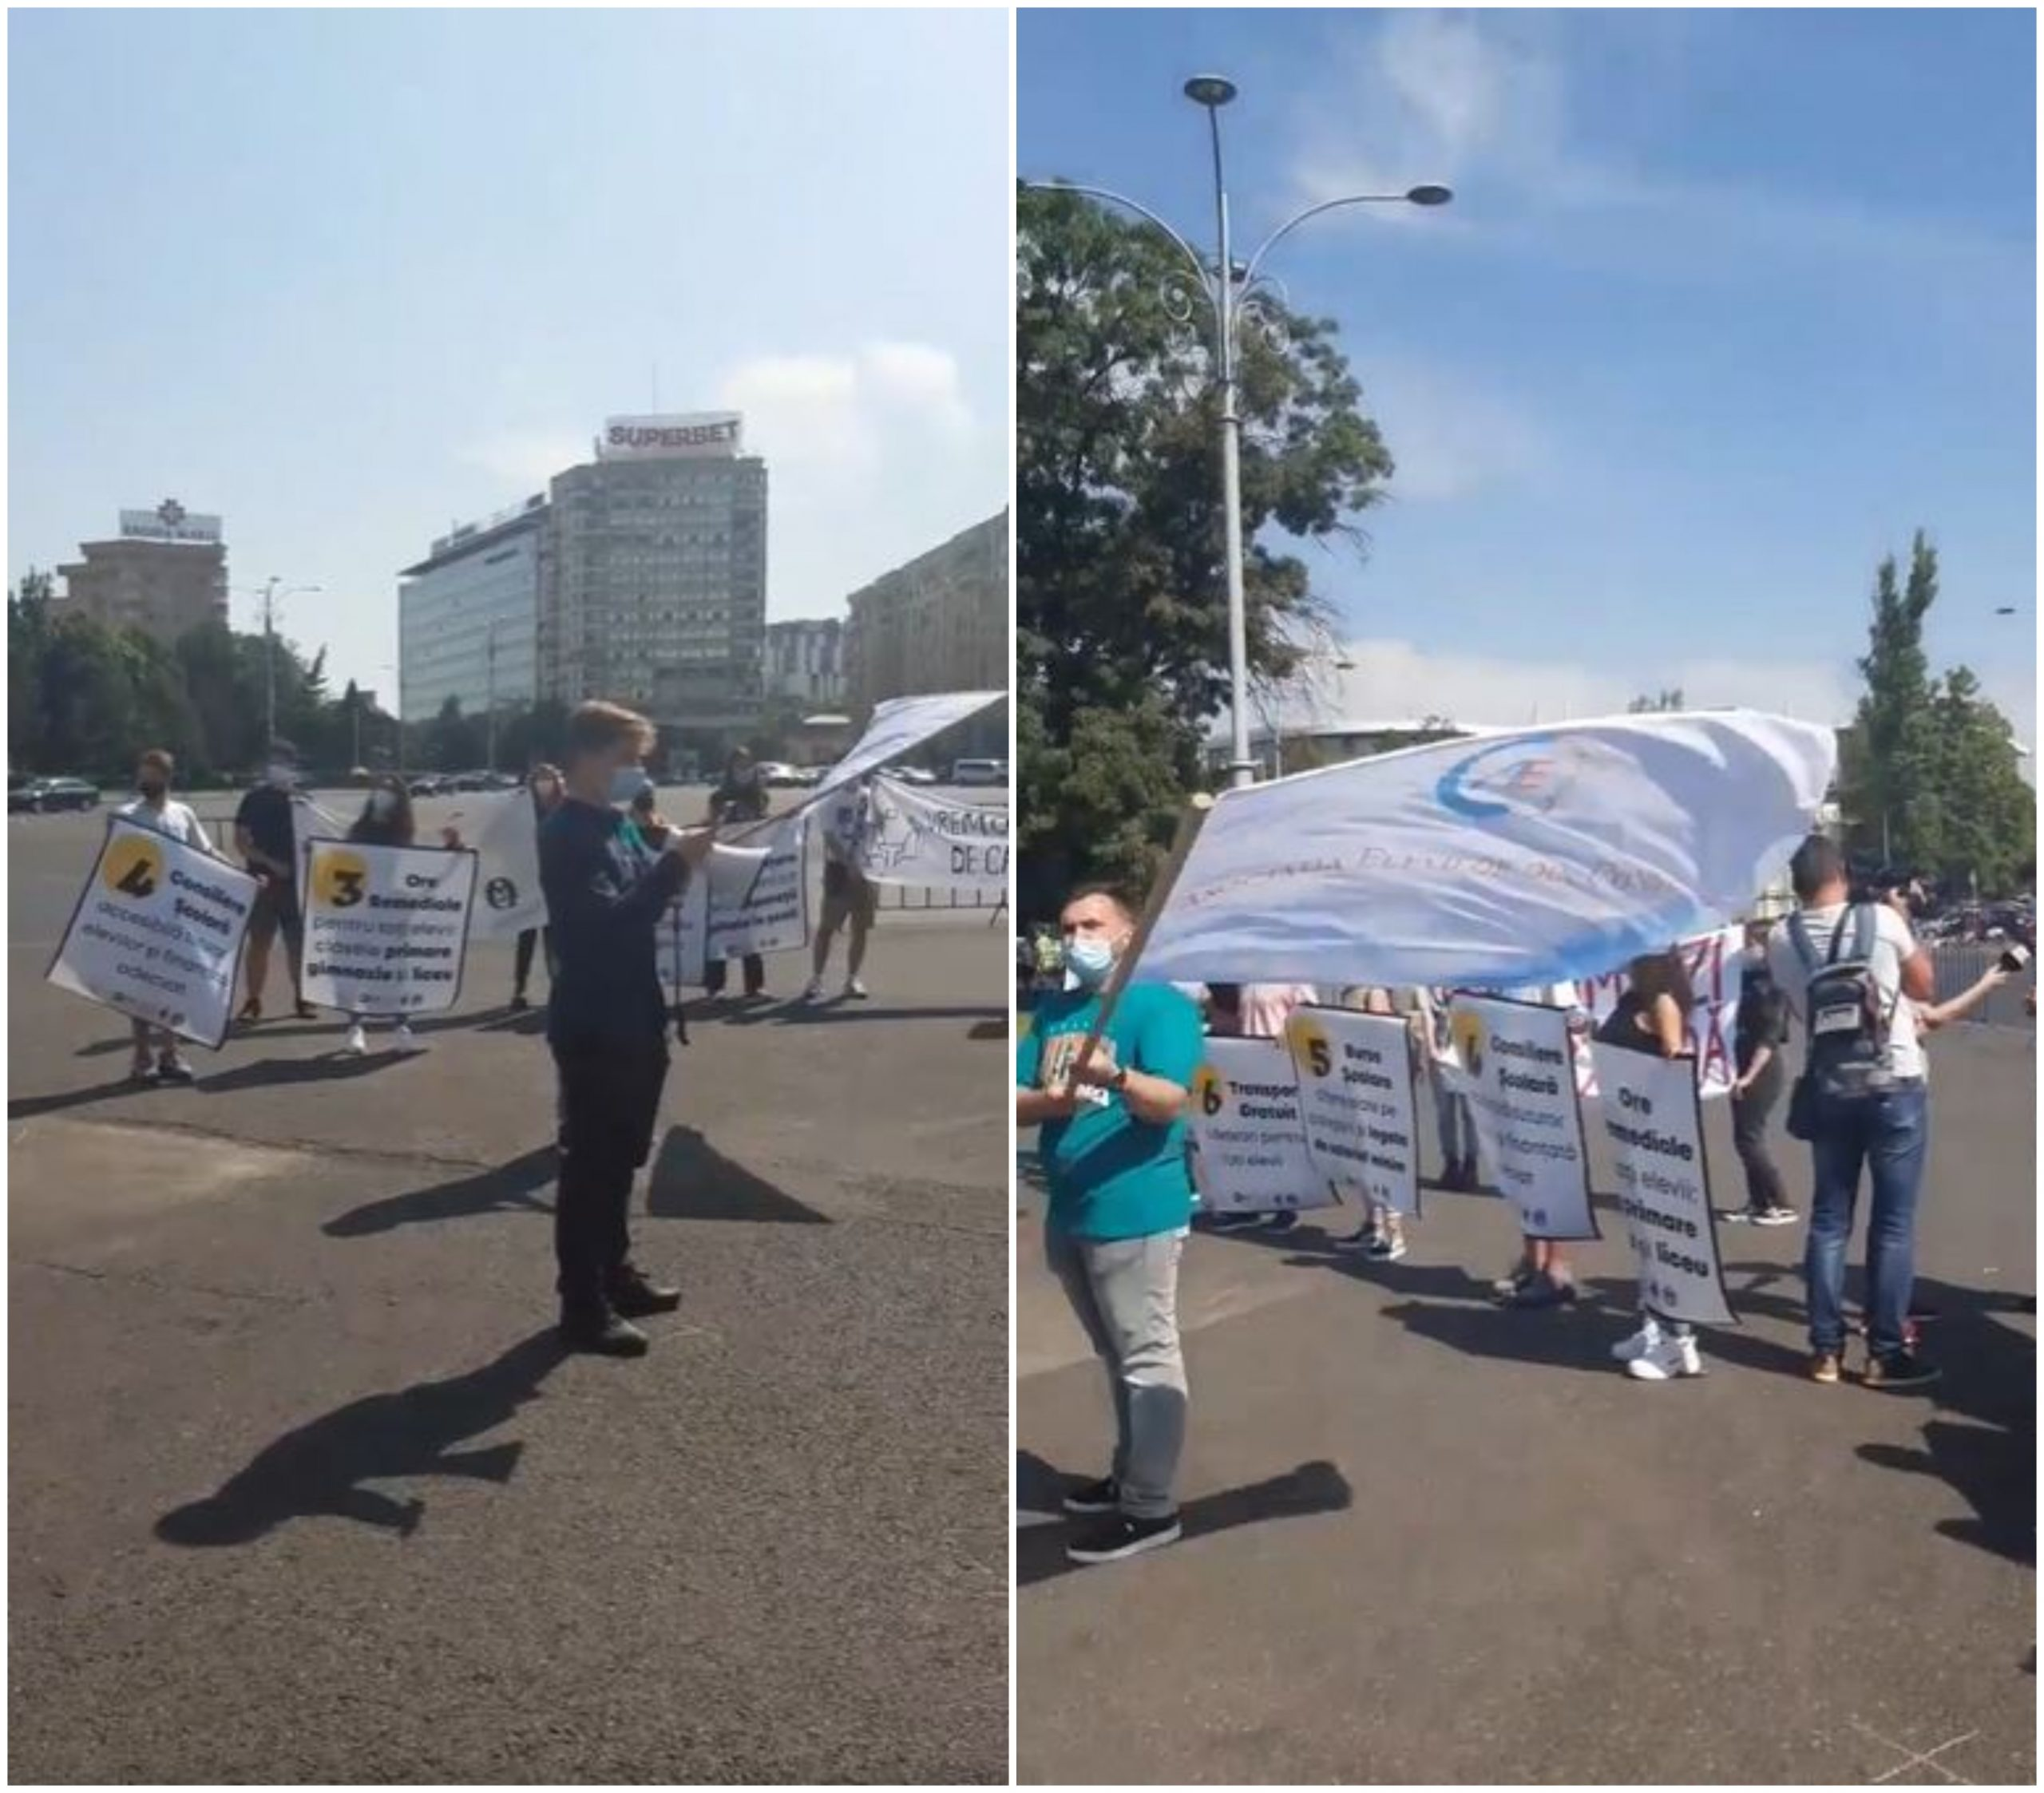 Elevii au protestat în prima zi de școală, în Piața Victoriei. Tinerii au avut 7 revendicări